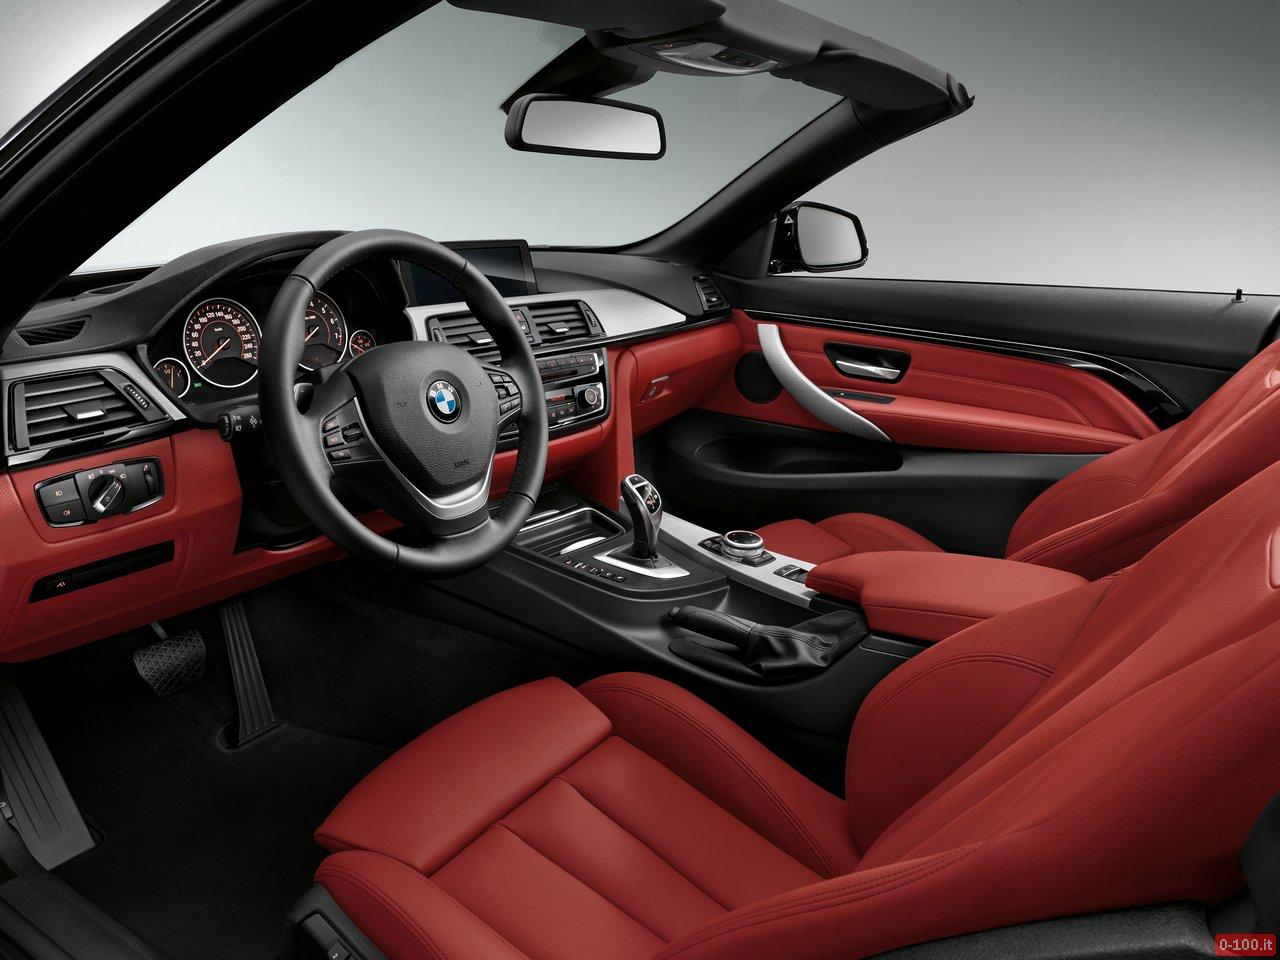 BMW-serie-4-cabrio-420d-428i-435i-cabrio_80